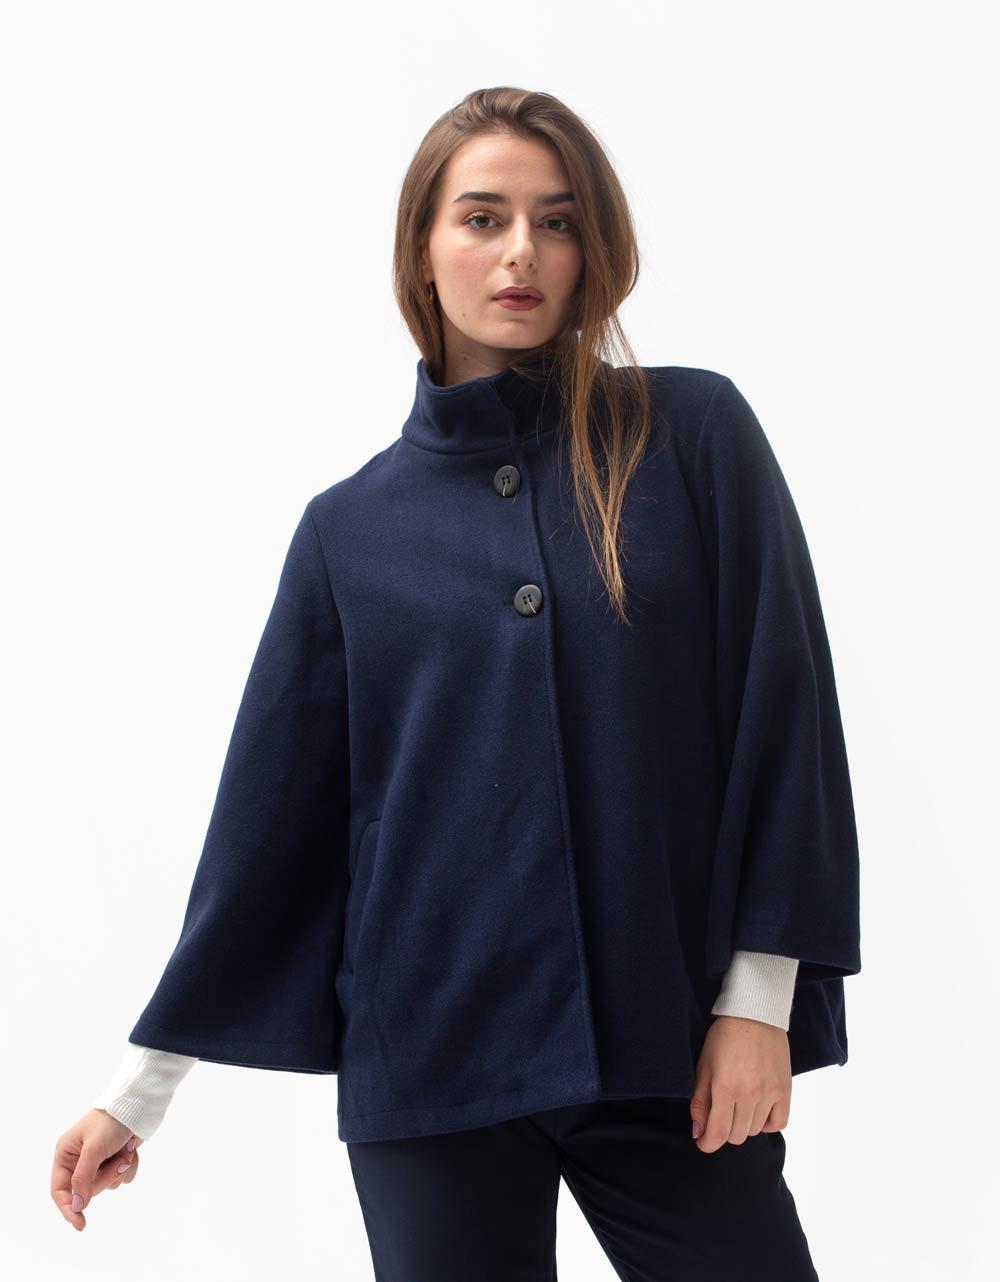 Εικόνα από Γυναικείο πανωφόρι με κουμπιά Μπλε